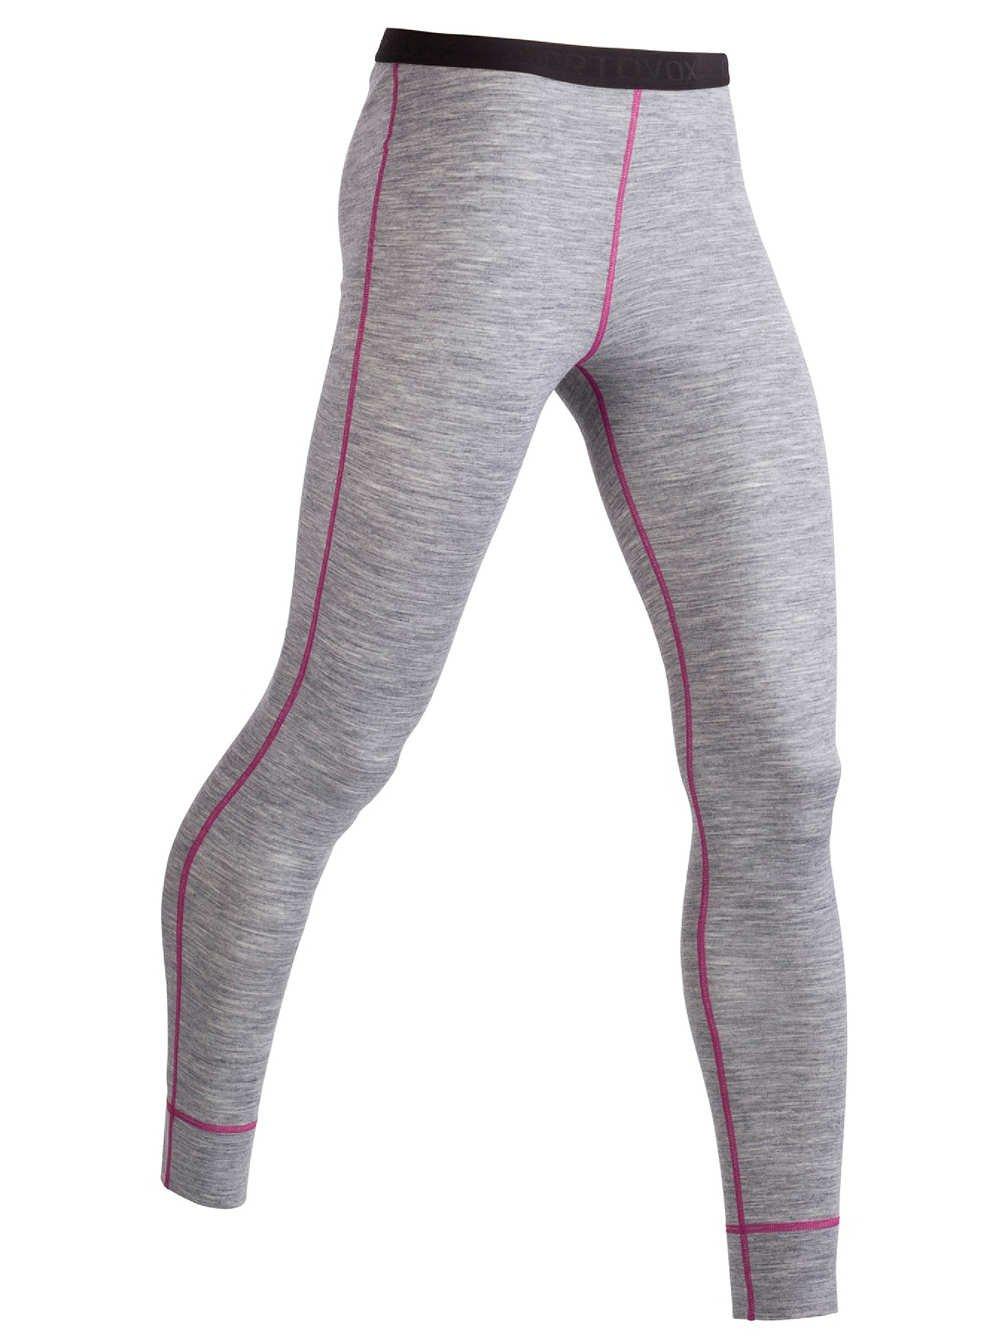 Ortovox Merino 185 Long Tech Pants grey blend / gray size M